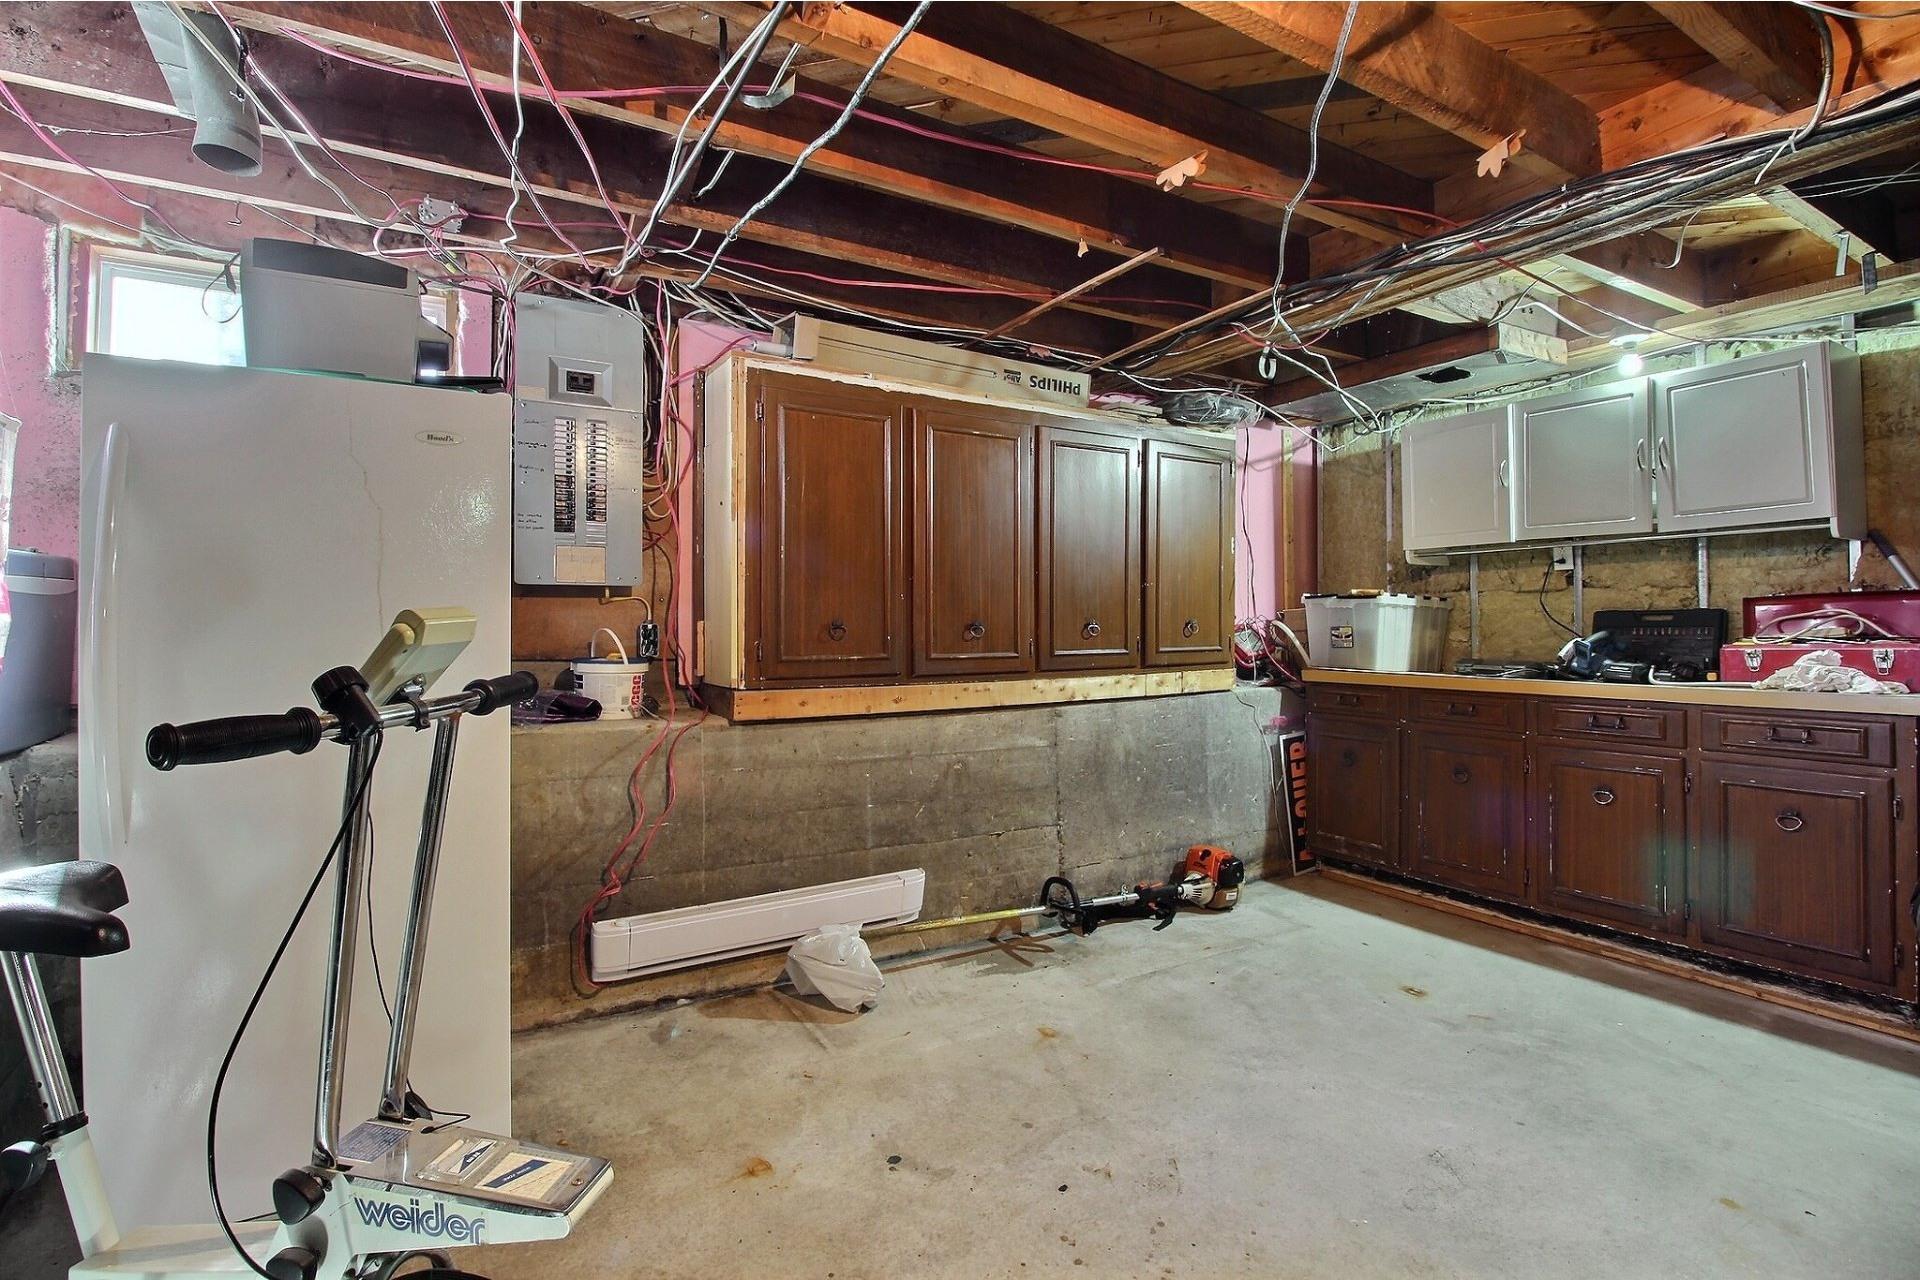 image 31 - Duplex For sale Joliette - 5 rooms